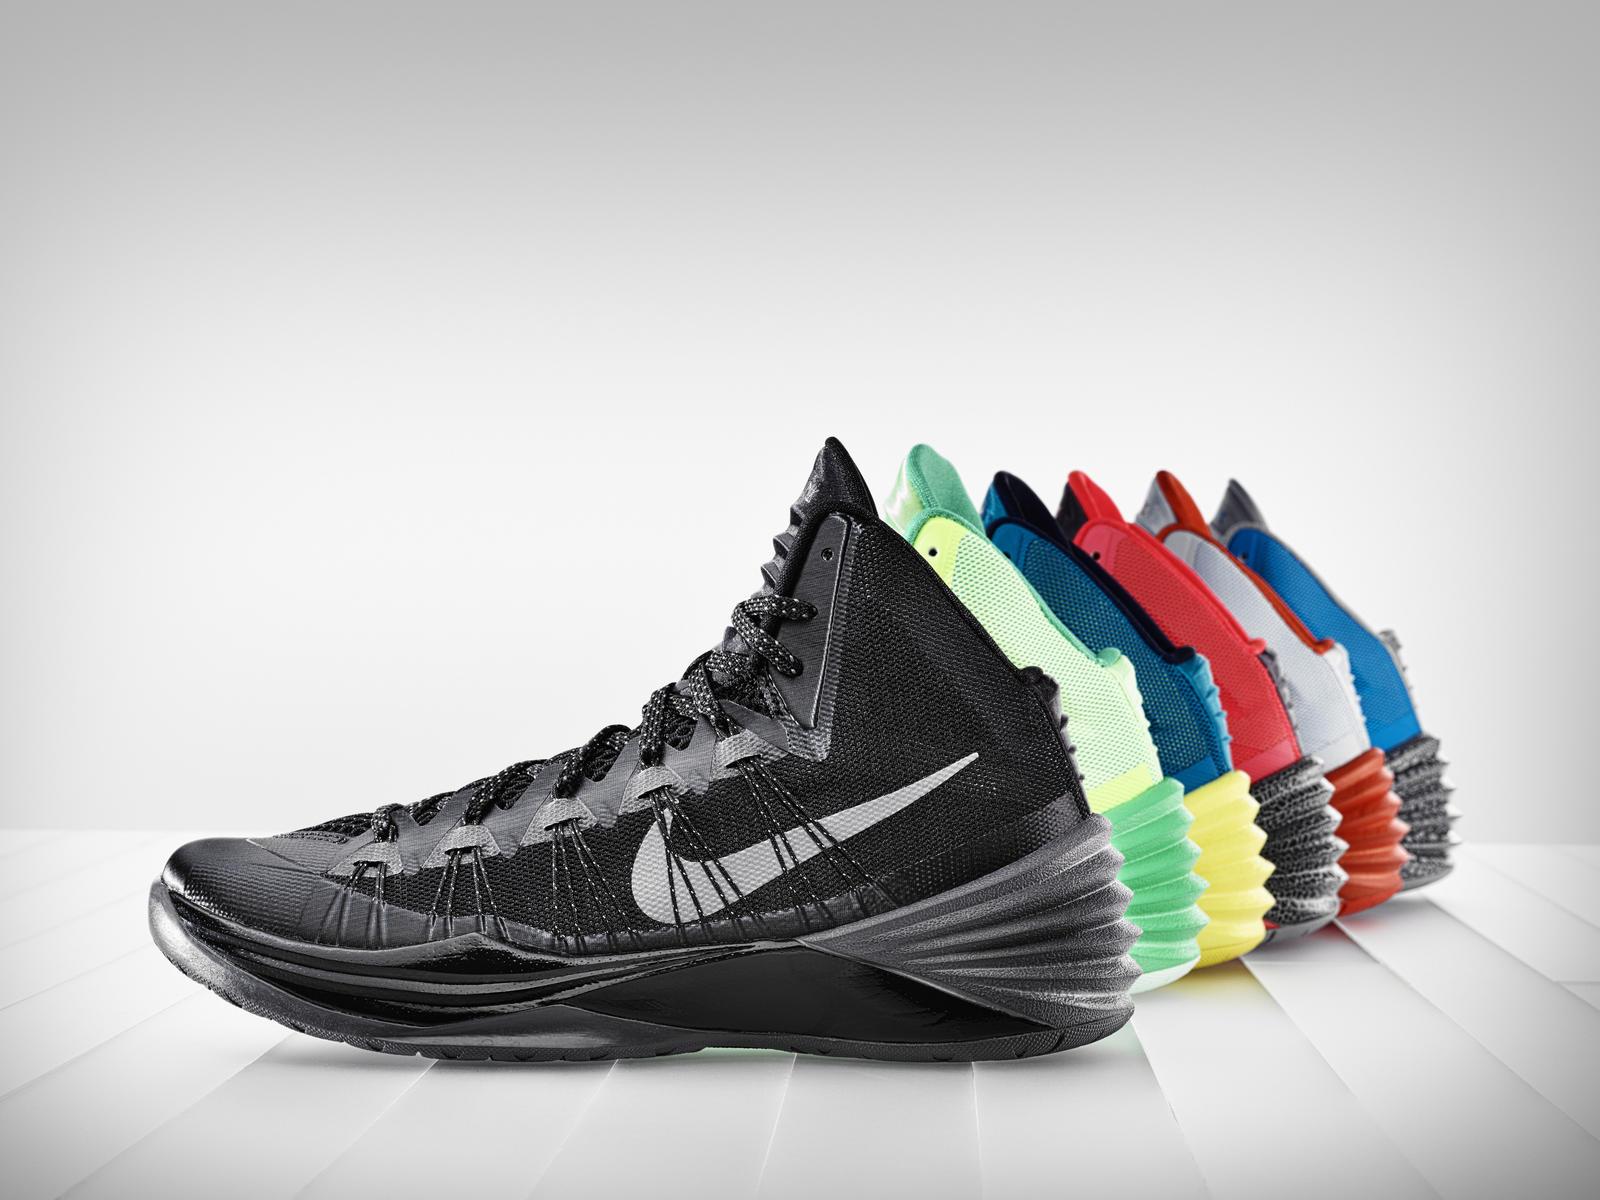 Best Nba Shoes